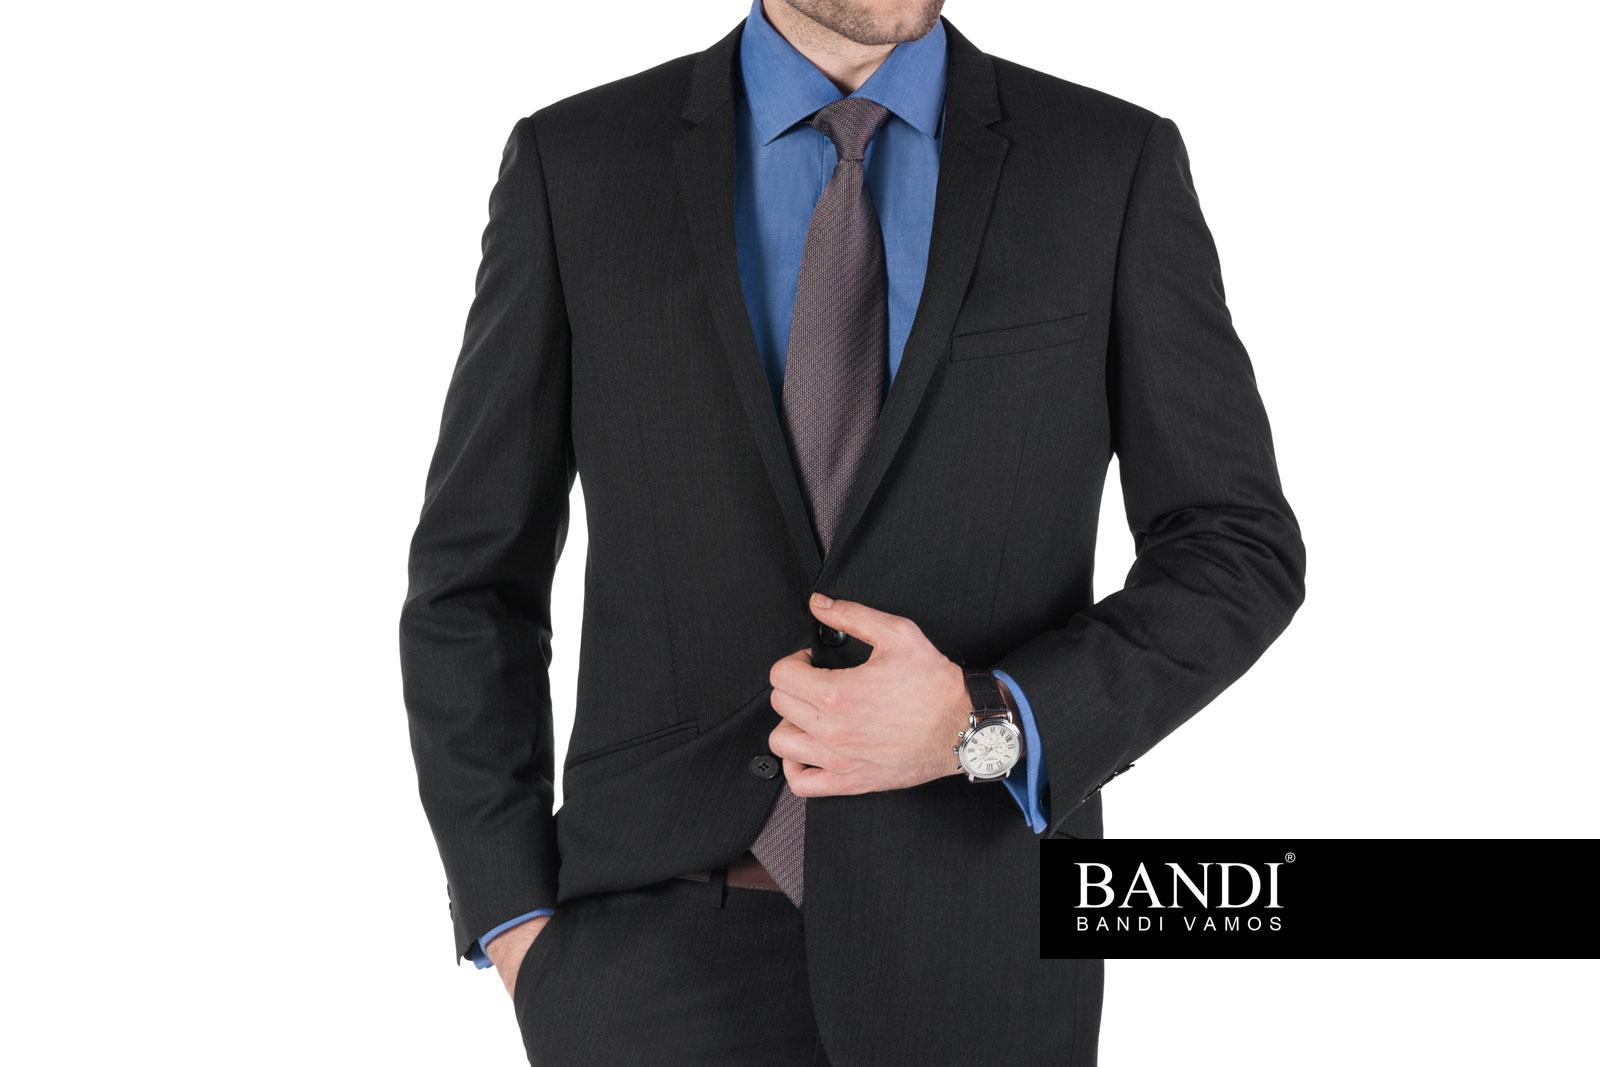 Vhodný oblek do zaměstnání – úvodní fotografie